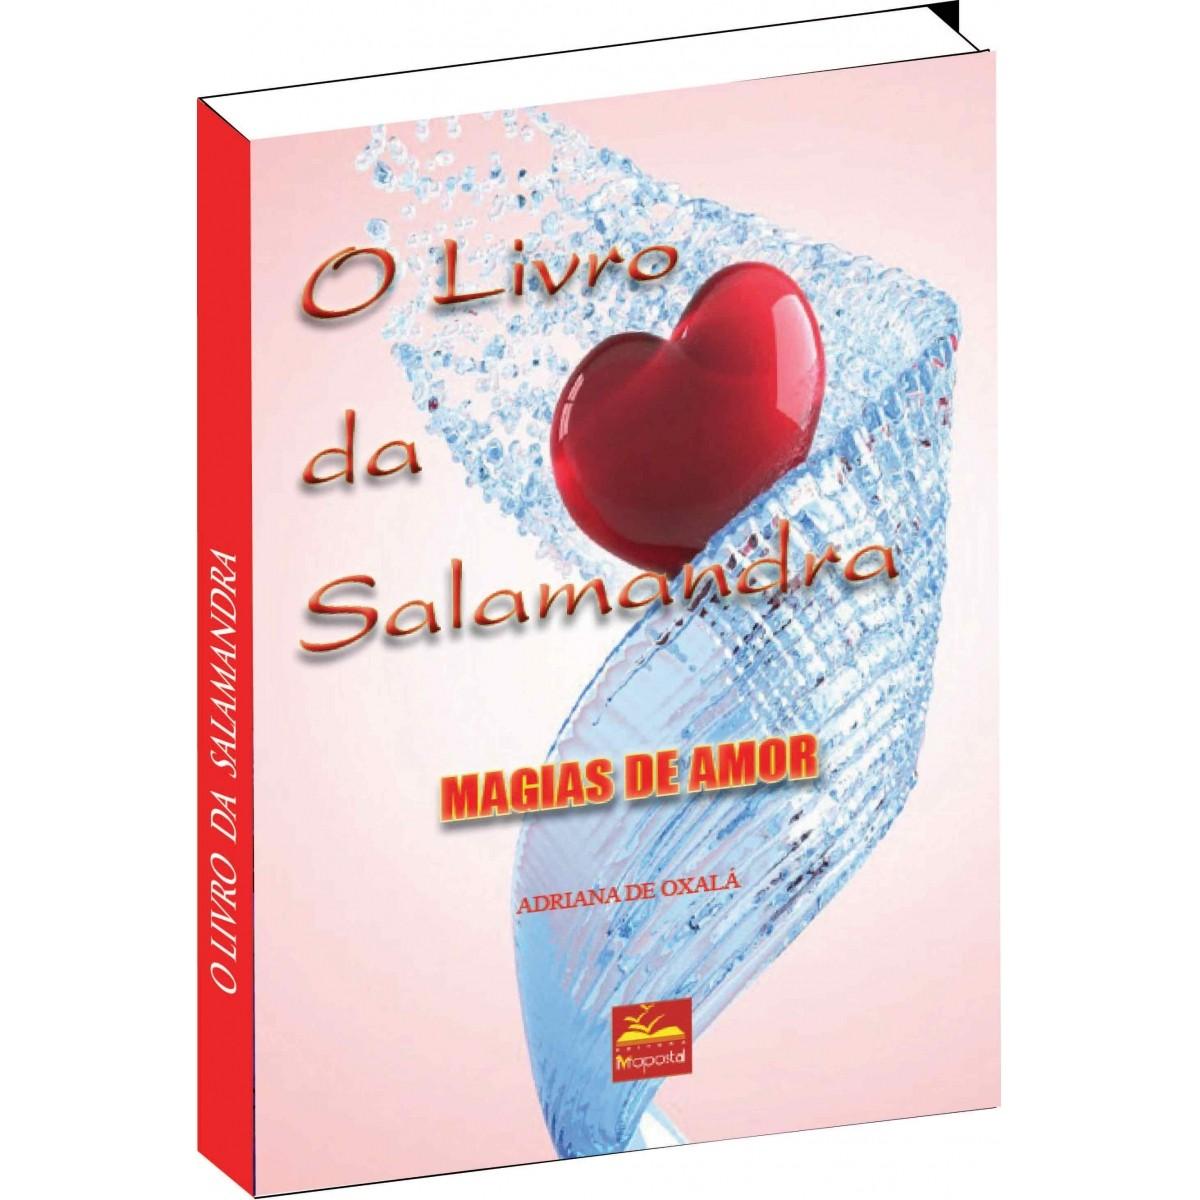 Ebook do Livro da Salamandra  - Livropostal Editora